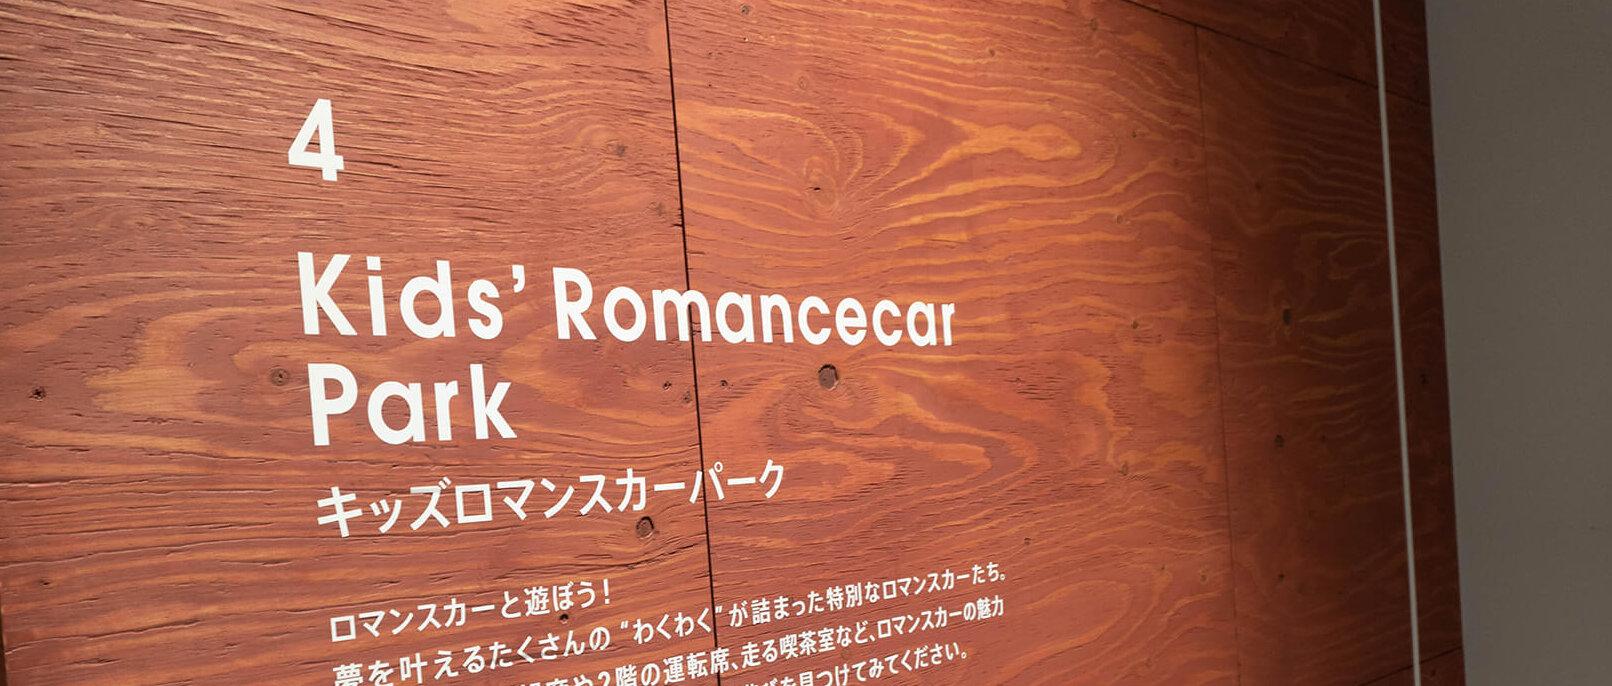 ロマンスカーミュージアム